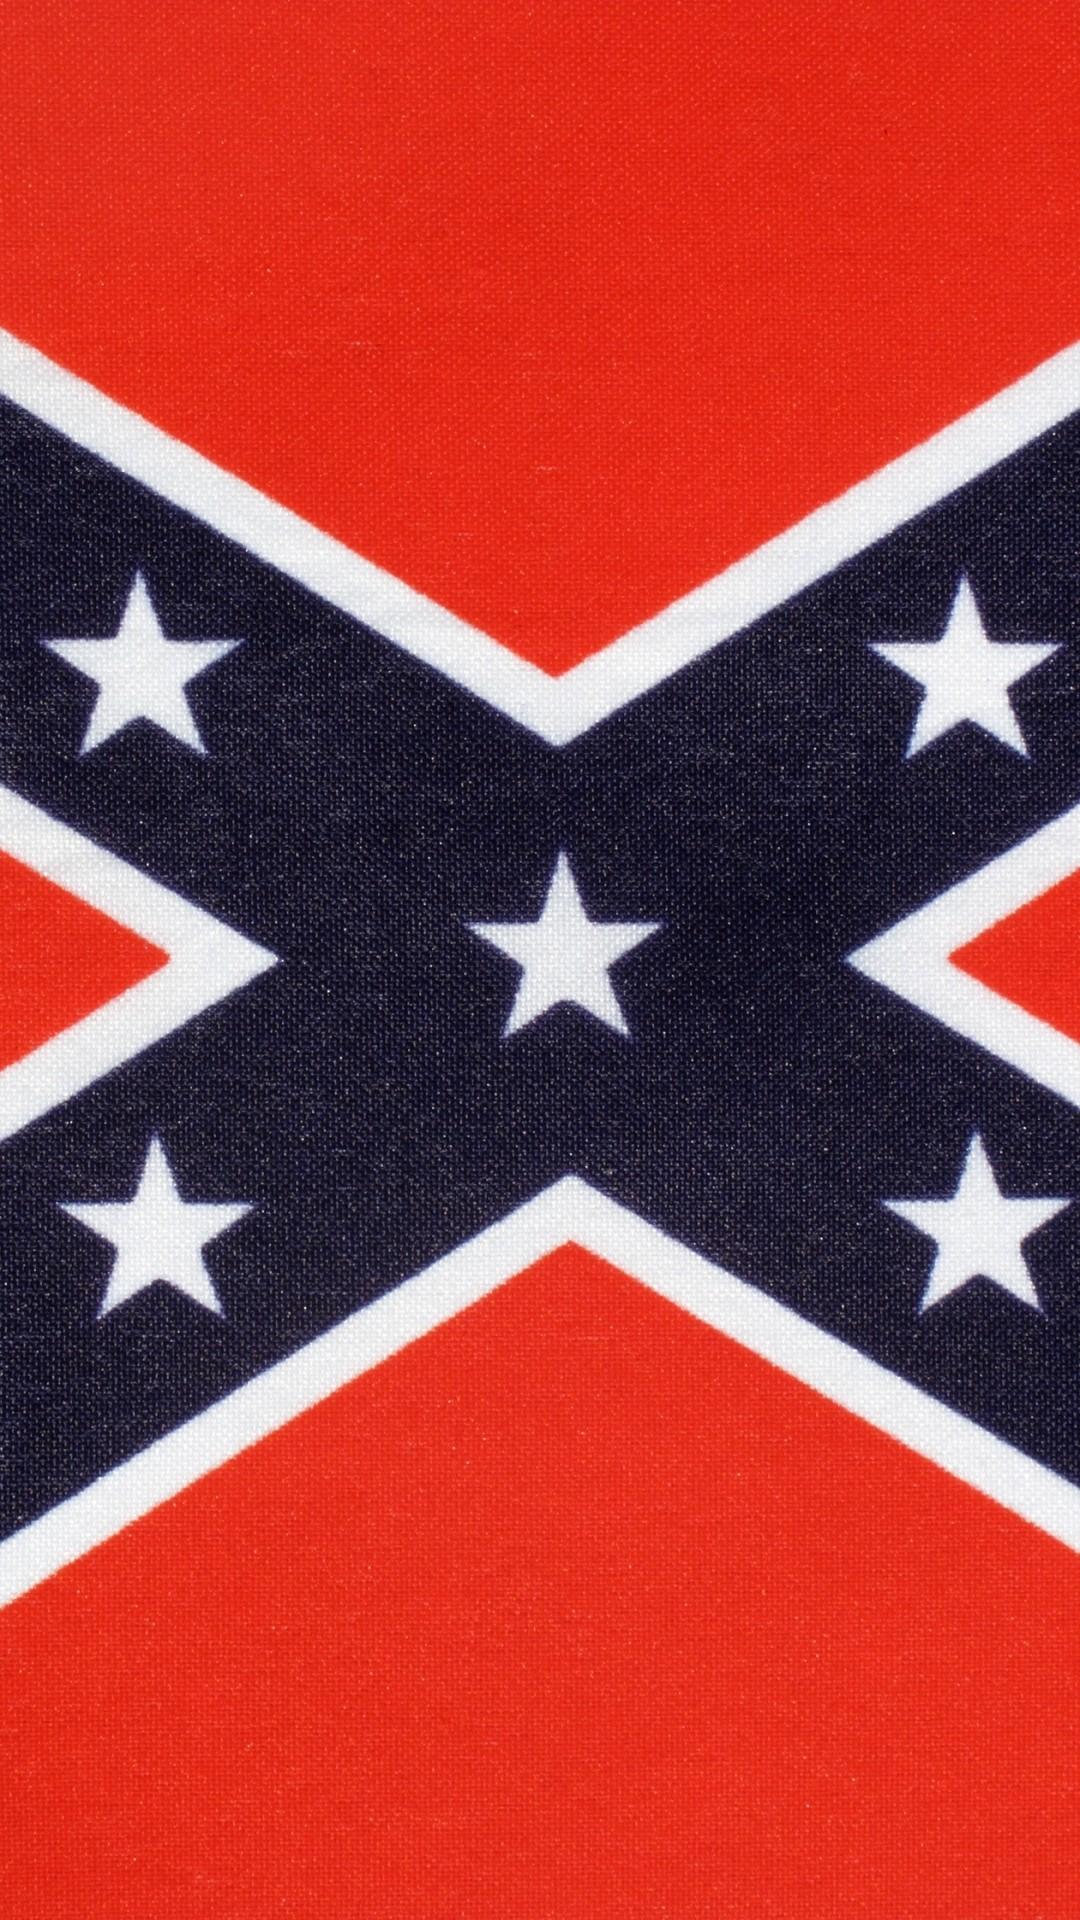 Confederate Flag Wallpaper Hd Cool Rebel Flag Wallpaper 59 Images